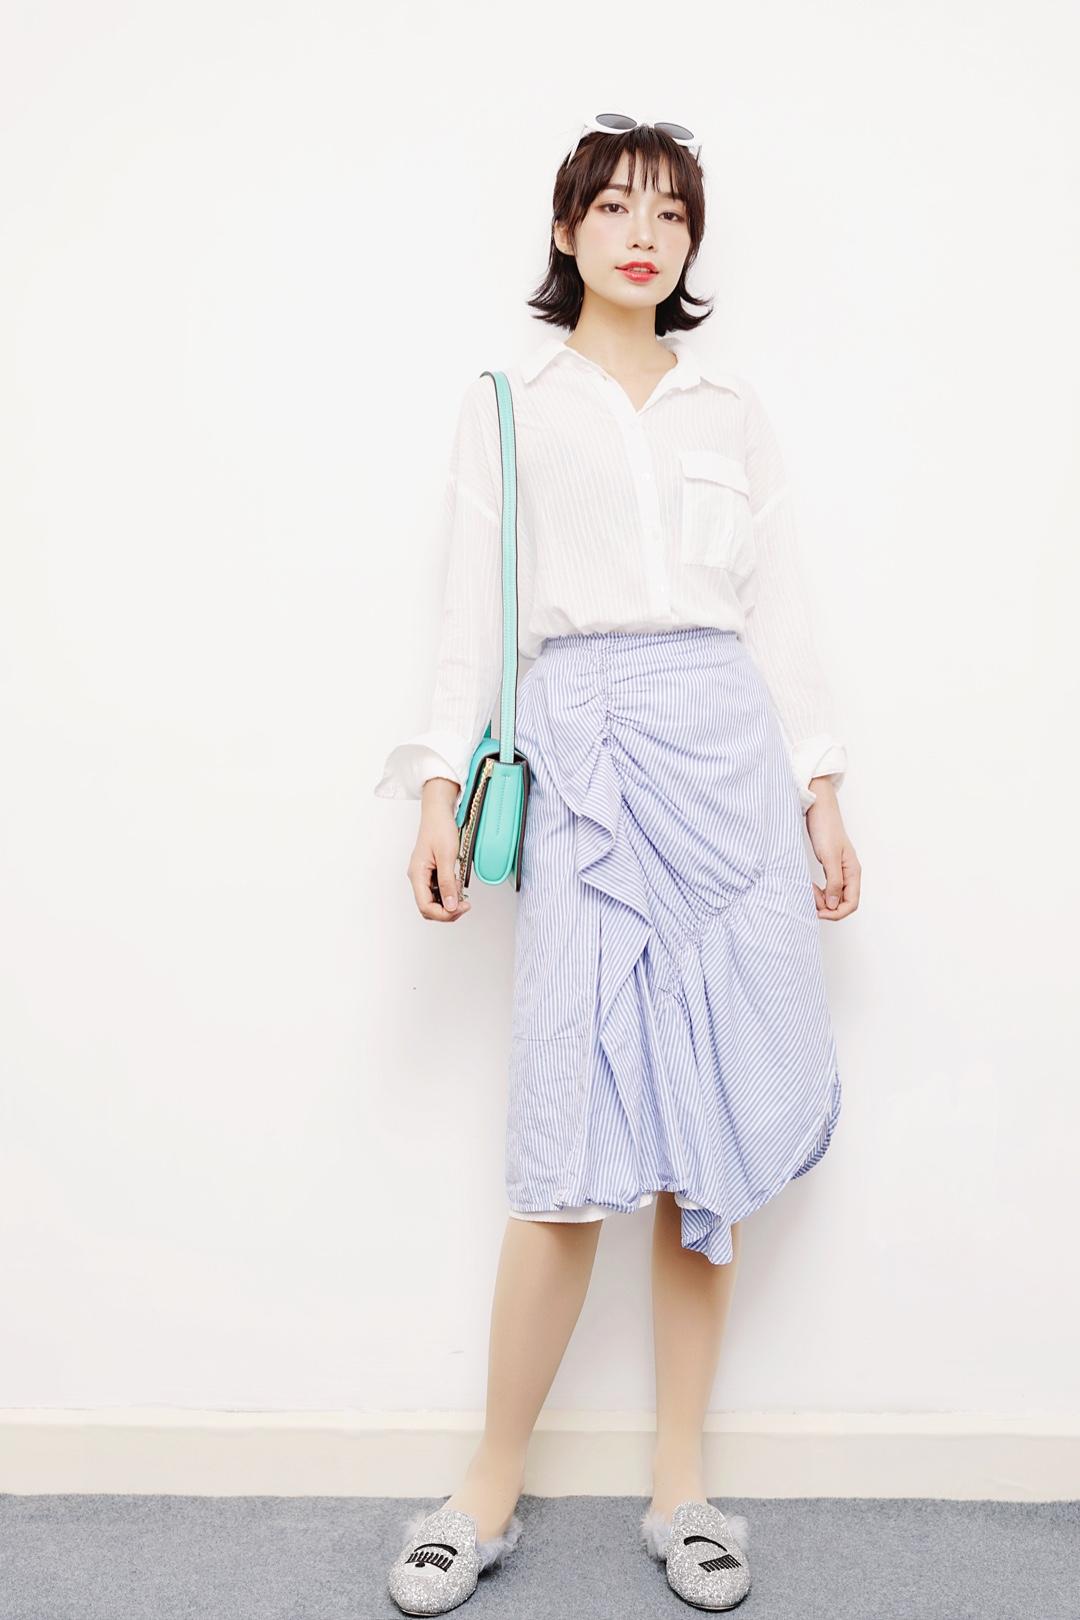 #马卡龙色开启霸屏模式!#  今天给大家推荐一套超级清爽的穿搭,白色衬衫简约清爽,松开两颗纽扣露出锁骨,不经意间透出小性感,搭配今年春夏流行元素之一的不规则褶皱衬衫裙,很好修身腿部,开叉设计,微微露腿,又是一处加分的性感,清爽的蓝色条纹,简直让闷热的初夏生出丝丝凉意,搭配蒂芙尼蓝的包包,更加活泼,银色亮片鞋上有淡蓝色的毛毛和裙子相呼应,显白又清爽~